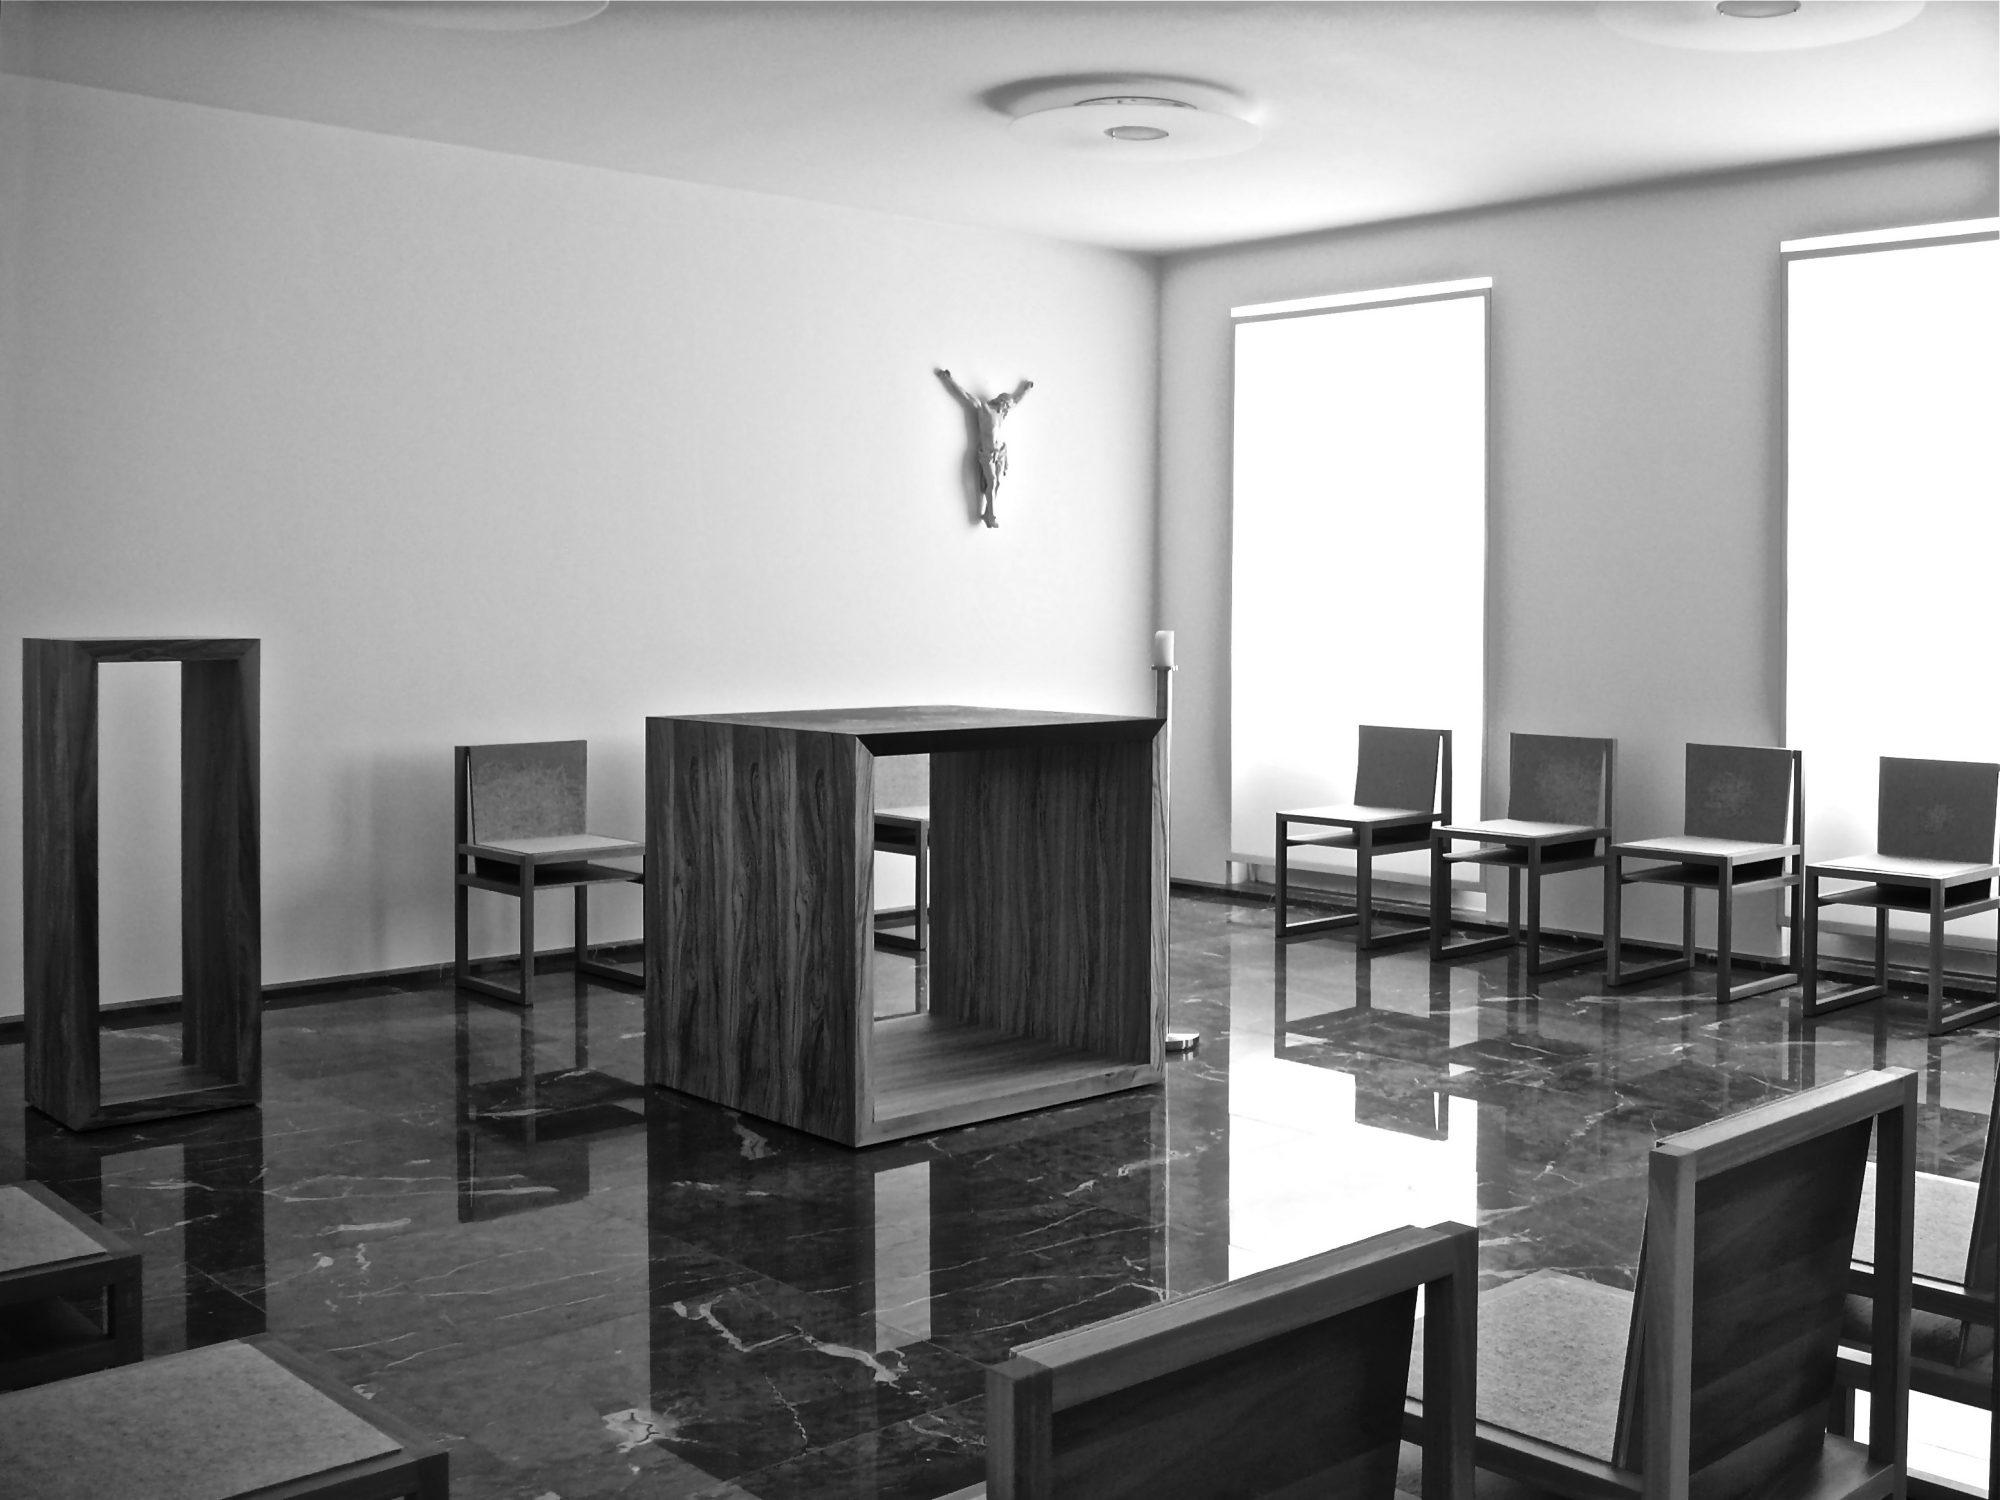 Brüssel, Kapelle der Europäischen Bischofskonferenz, 2009